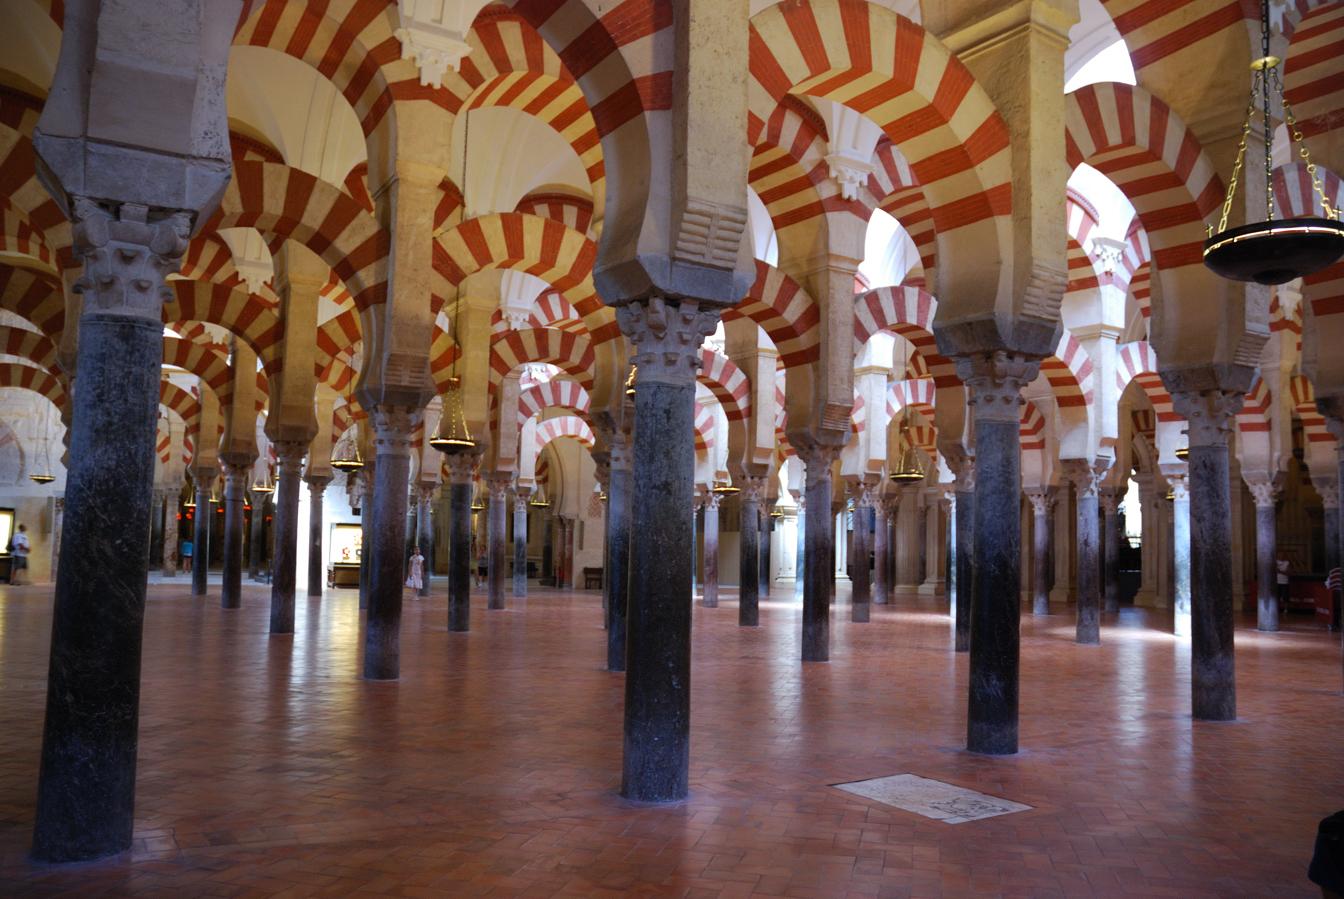 Mezquita de c rdoba bit cora almendr n - Mezquita de cordoba visita nocturna ...